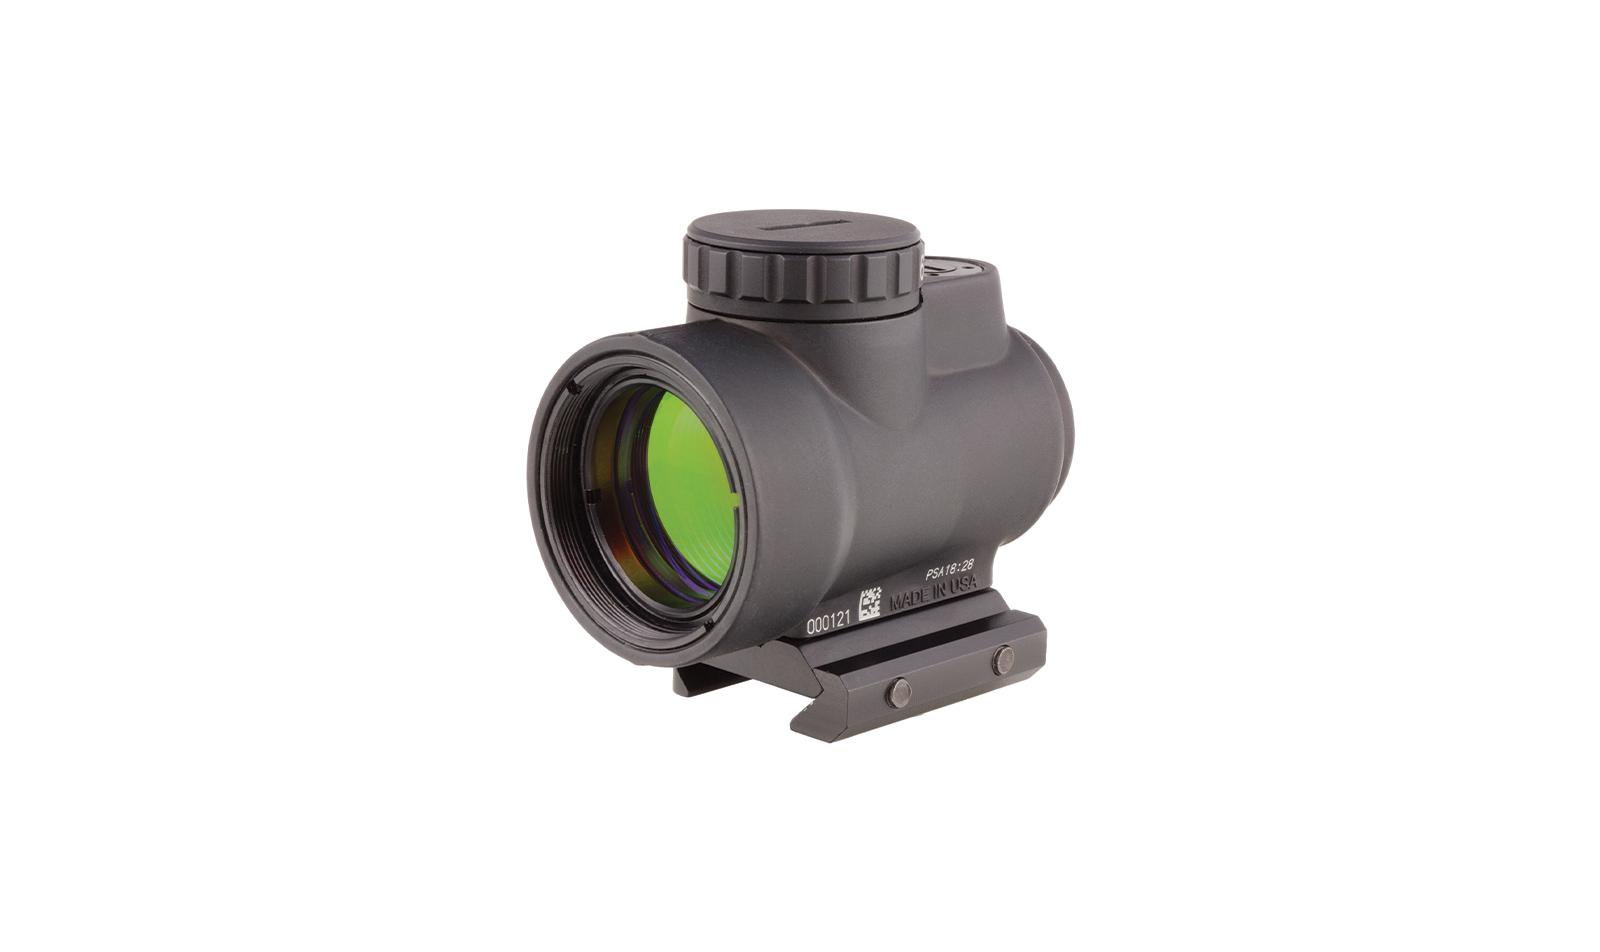 MRO-C-2200029 angle 1